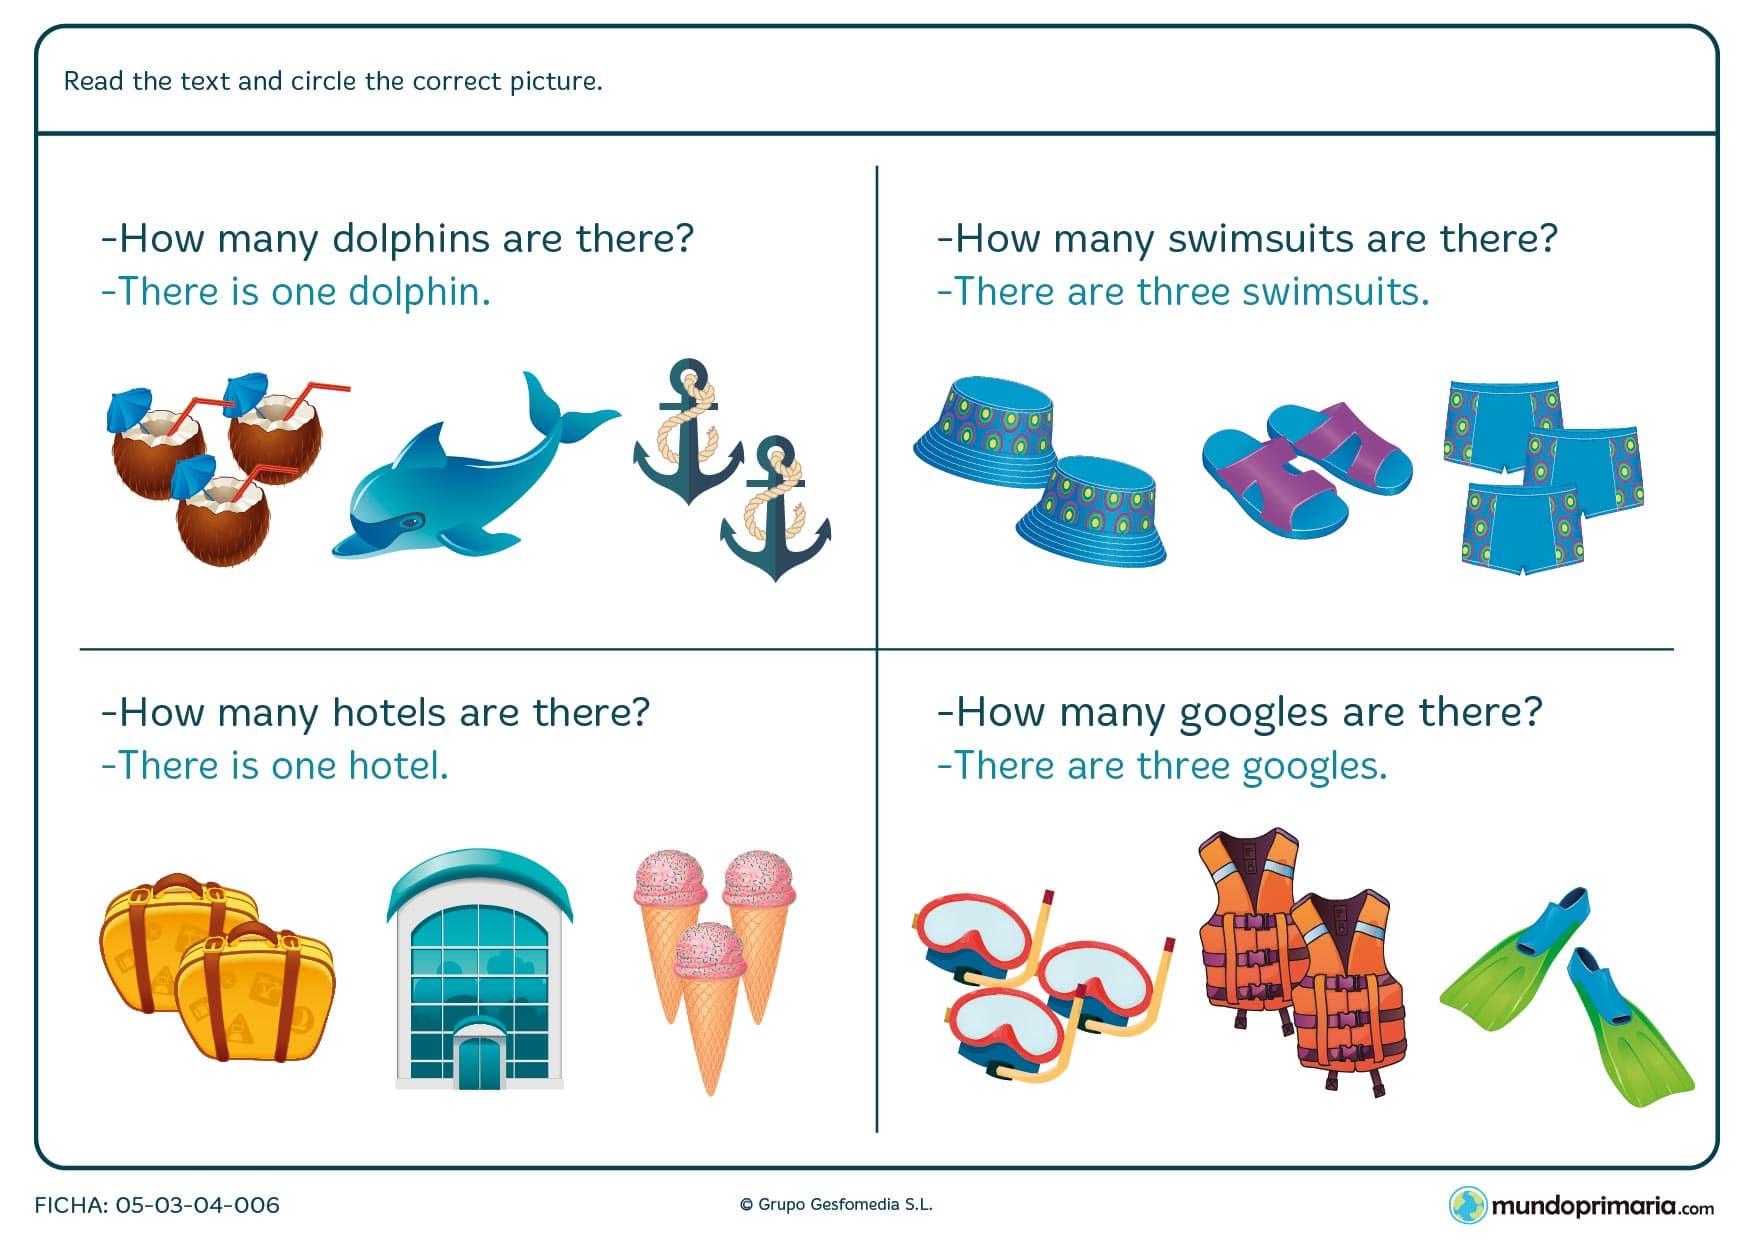 Ficha con texto de comprensión para después rodear el dibujo correcto. Se deben rodear delfines, bañadores, hoteles y gafas de buceo.